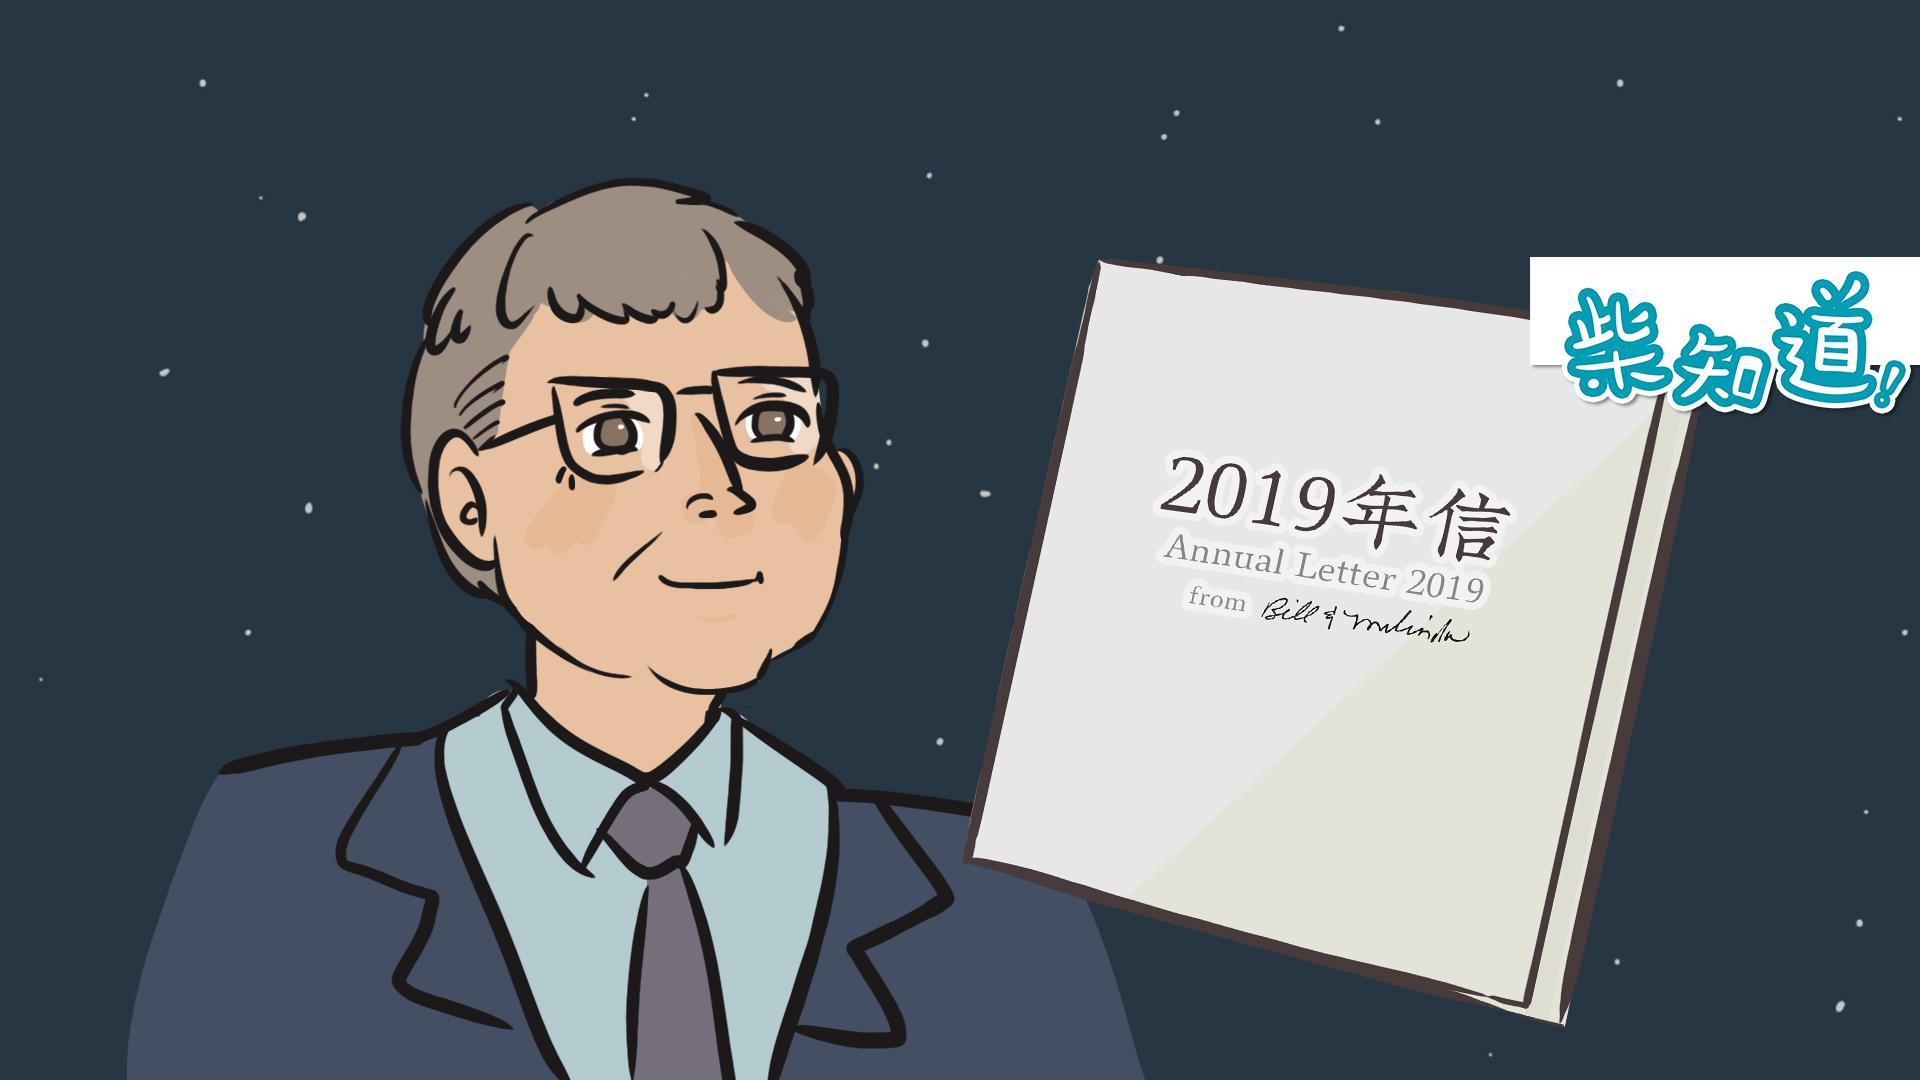 全世界最有钱的比尔·盖茨,会怎么做2018年度总结?的确是高境界